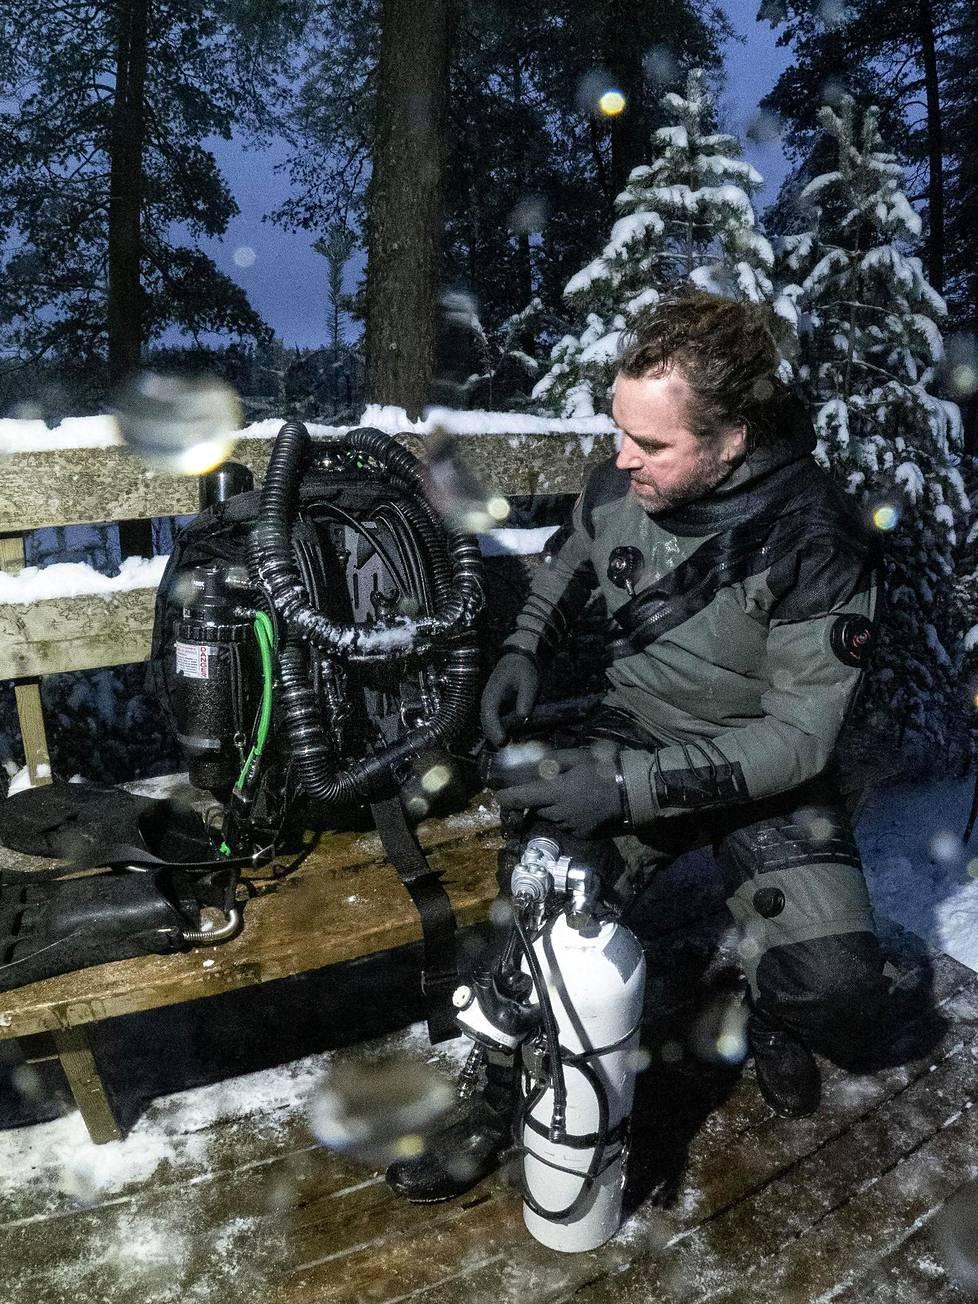 Paasi testaamassa kahden suljetun kierron sukelluslaitteen yhdistelmää Lopella sijaitsevalla Iso-Melkuttimen järvellä.